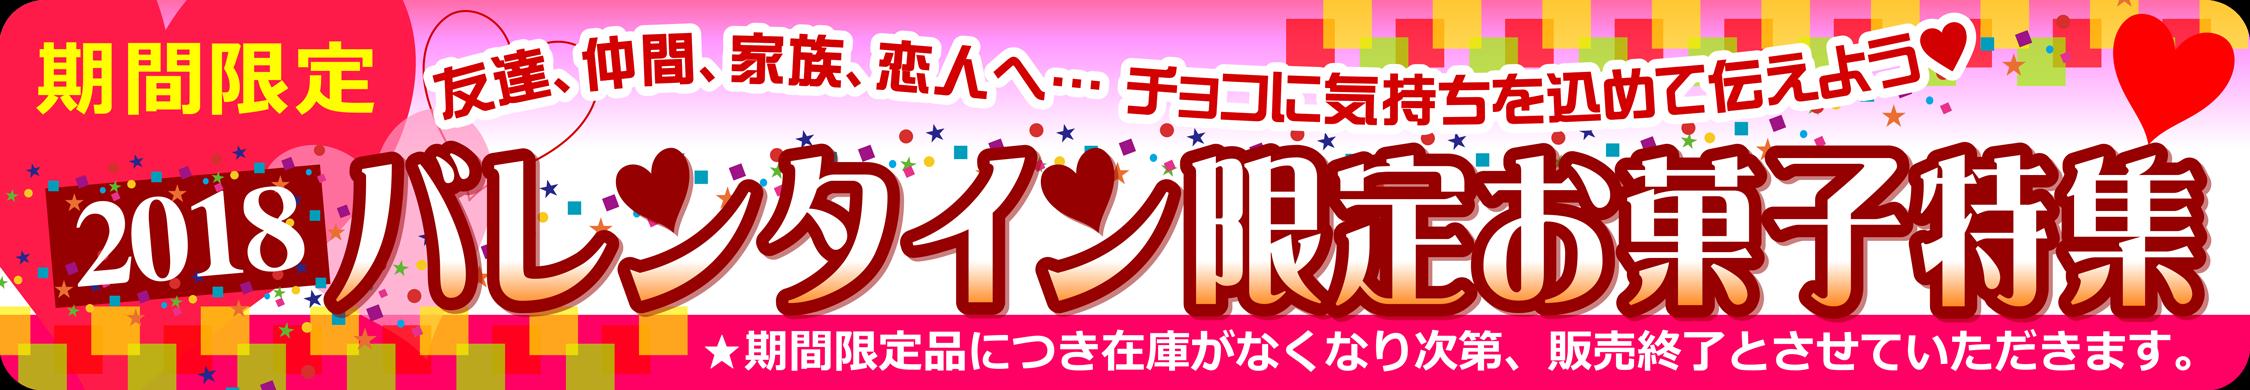 バレンタイン限定お菓子特集♡家族に、職場の仲間に、友達に♪チョコに気持ちを込めて贈りませんか♡